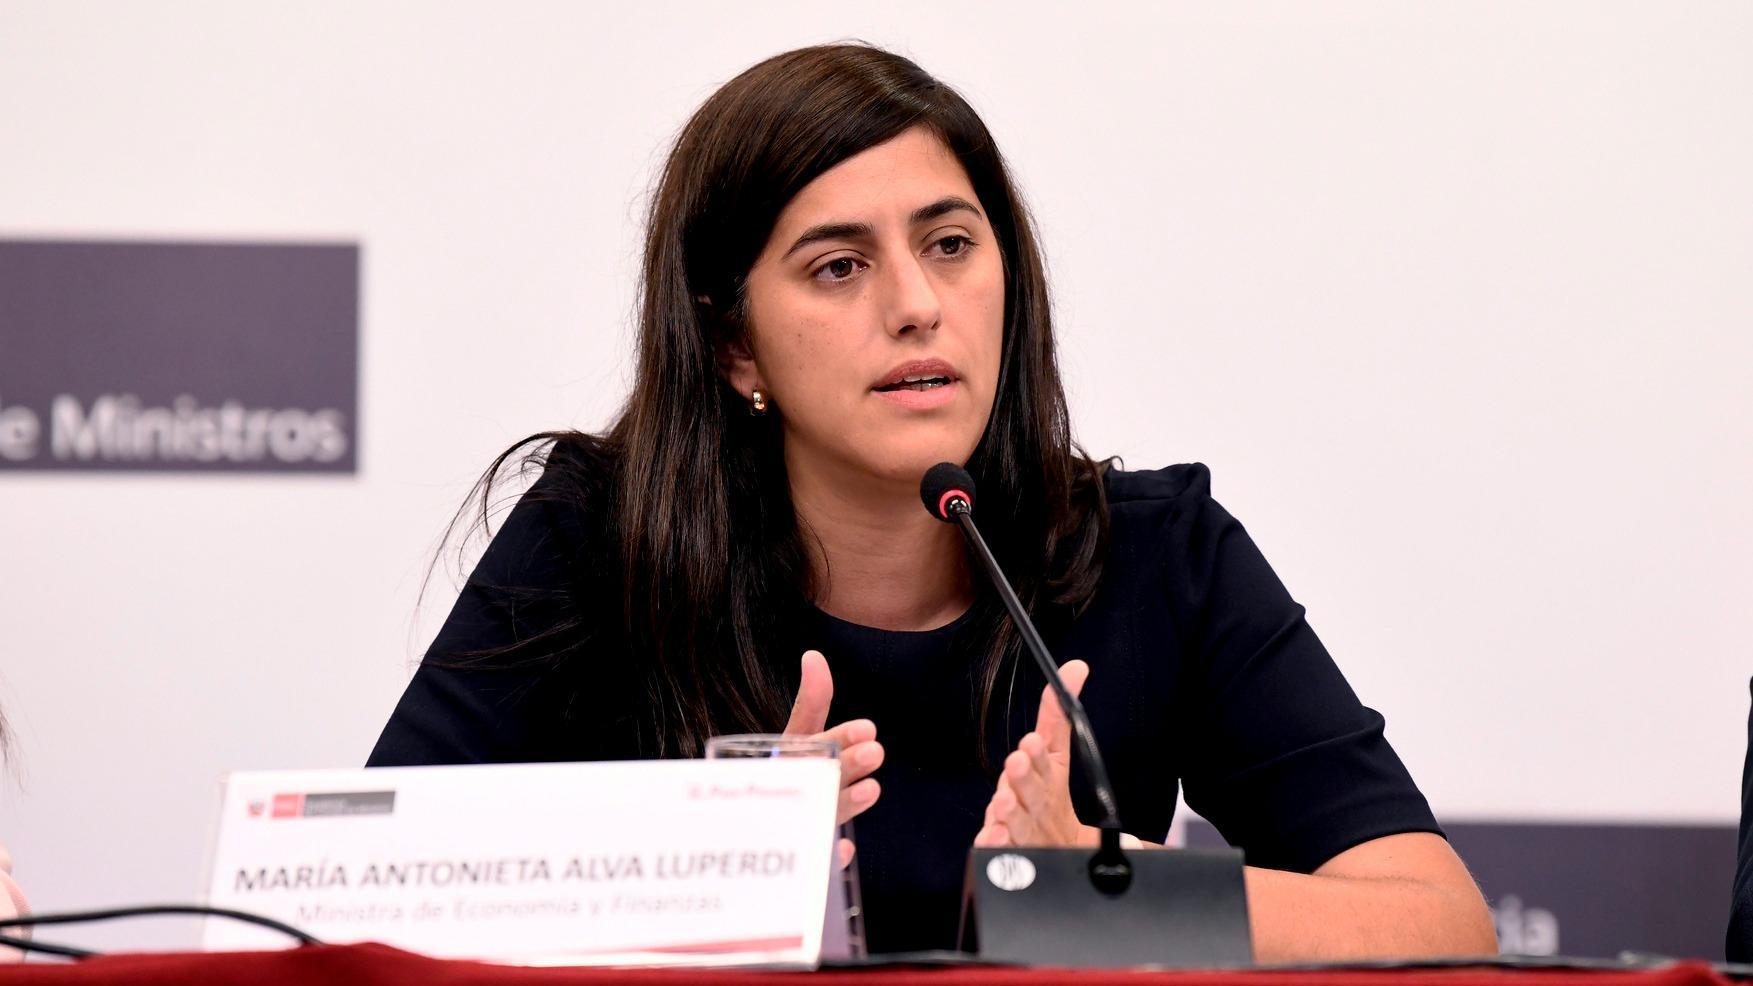 Entrevista a María Antonieta Alva, ministra de Economía.